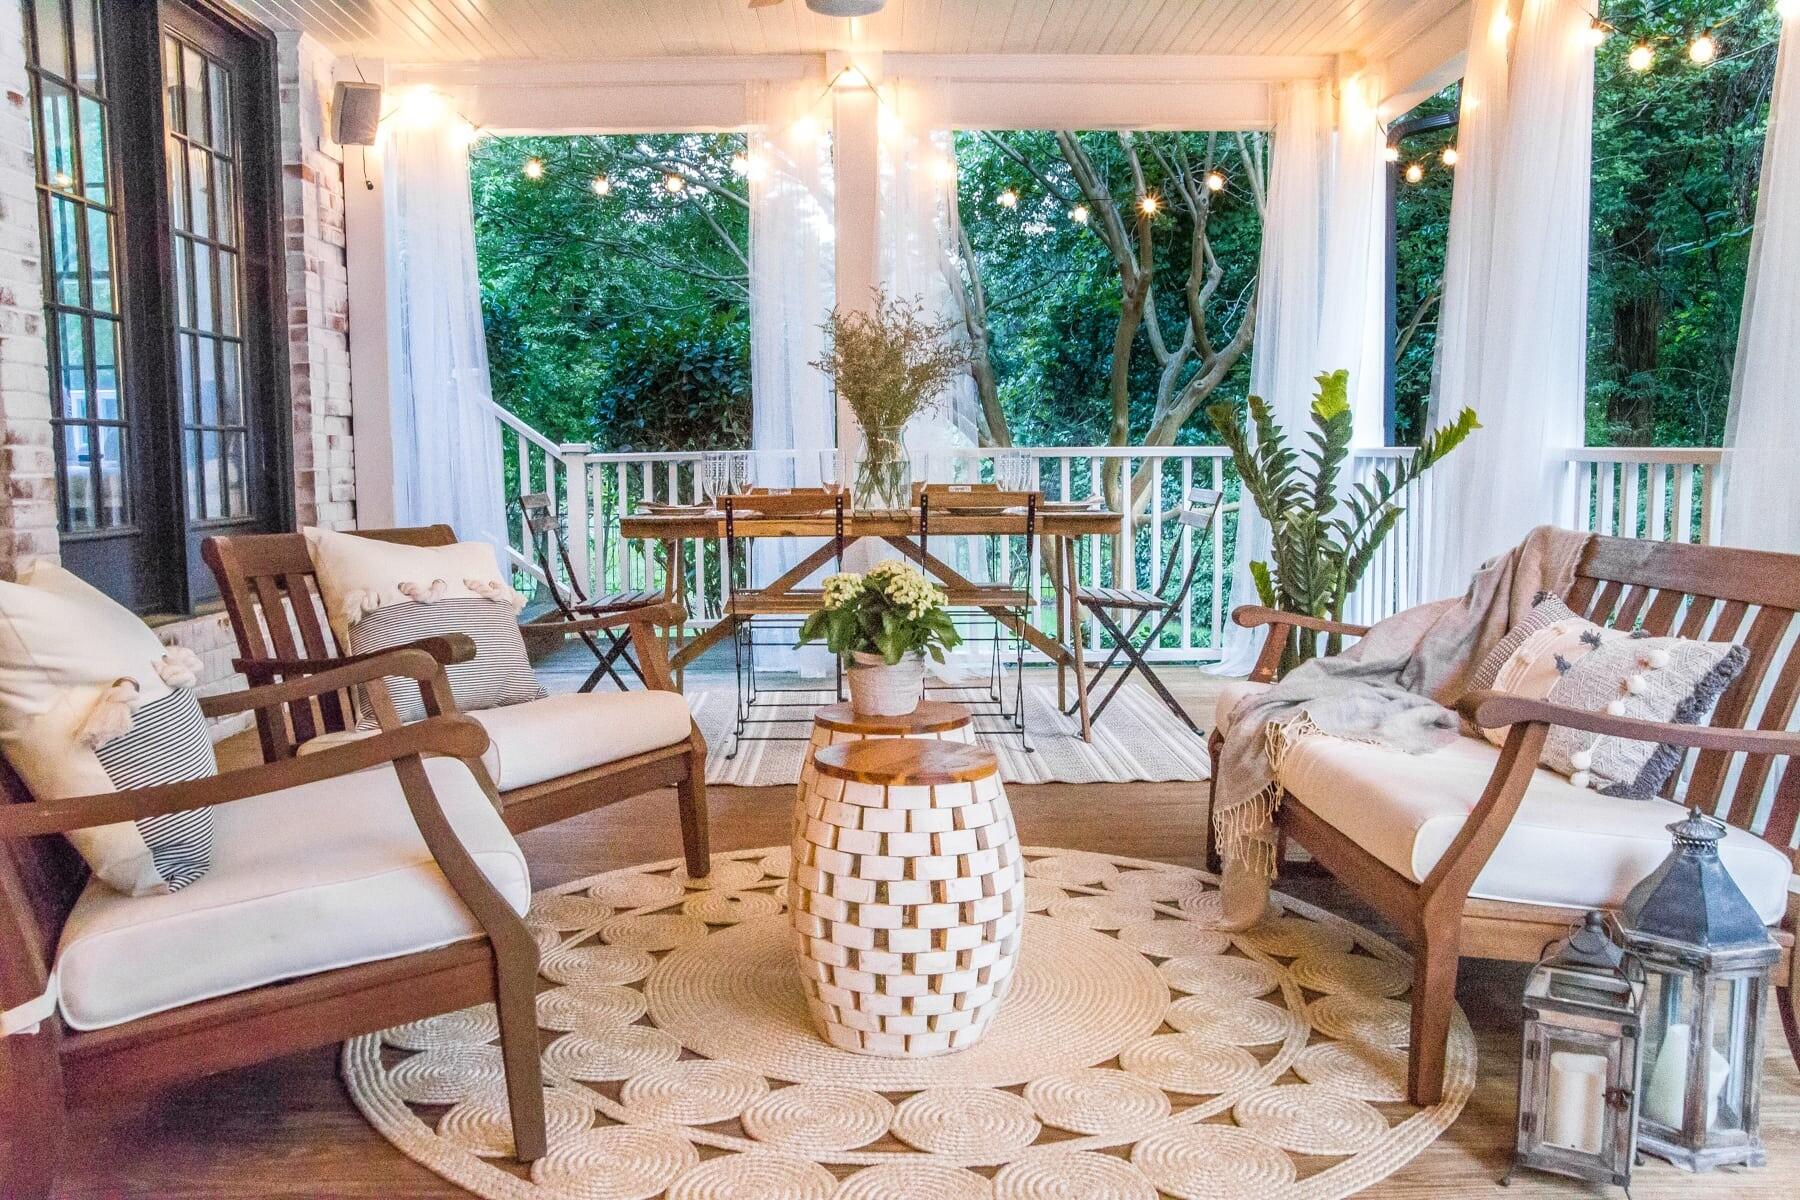 Уютный отдых на свежем воздухе: 12 идей дизайна веранд и террас в загородном доме